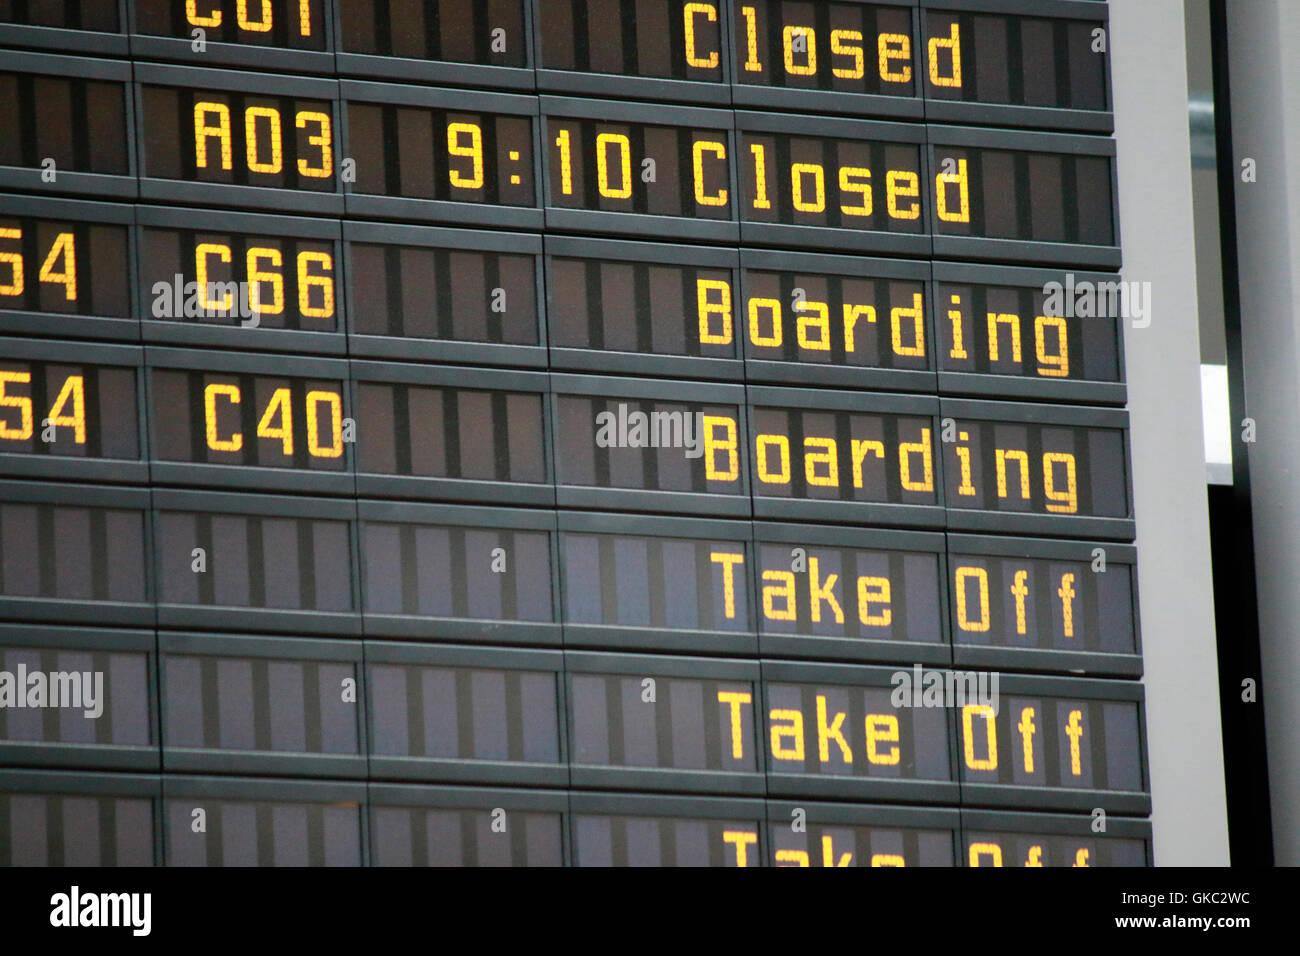 Anzeigetafel am Flughafen. - Stock Image